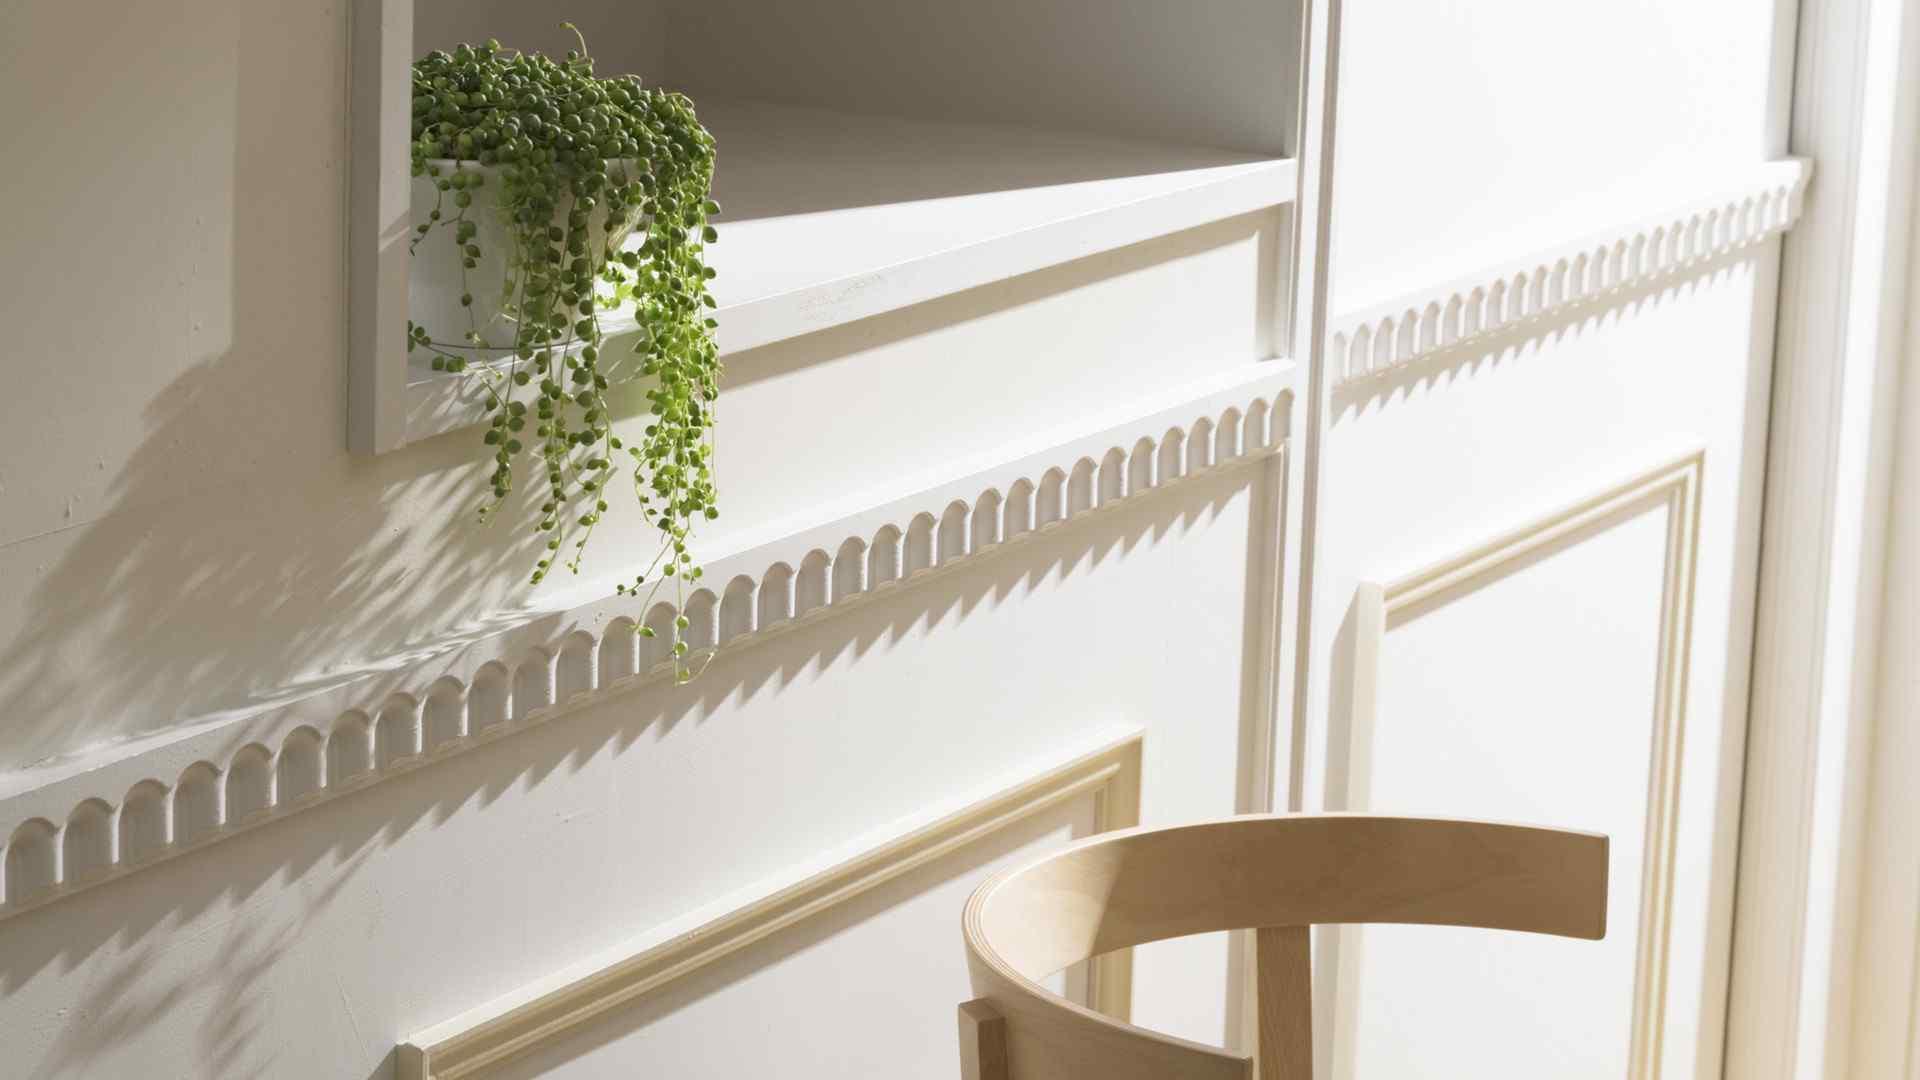 室内清新盆栽植物摄影桌面壁纸